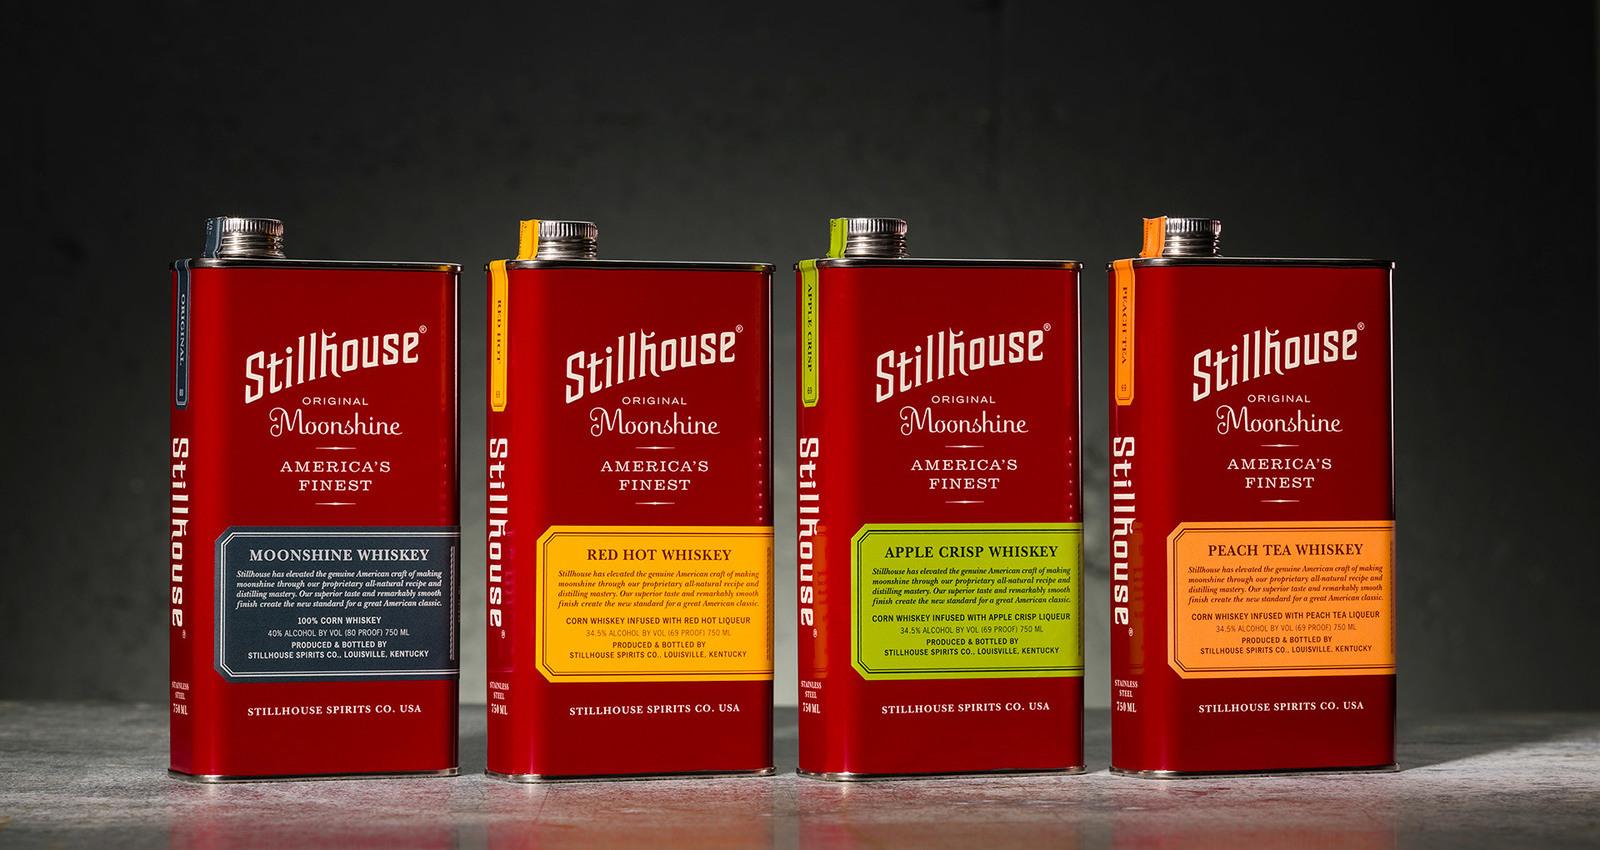 Stillhouse Packaging